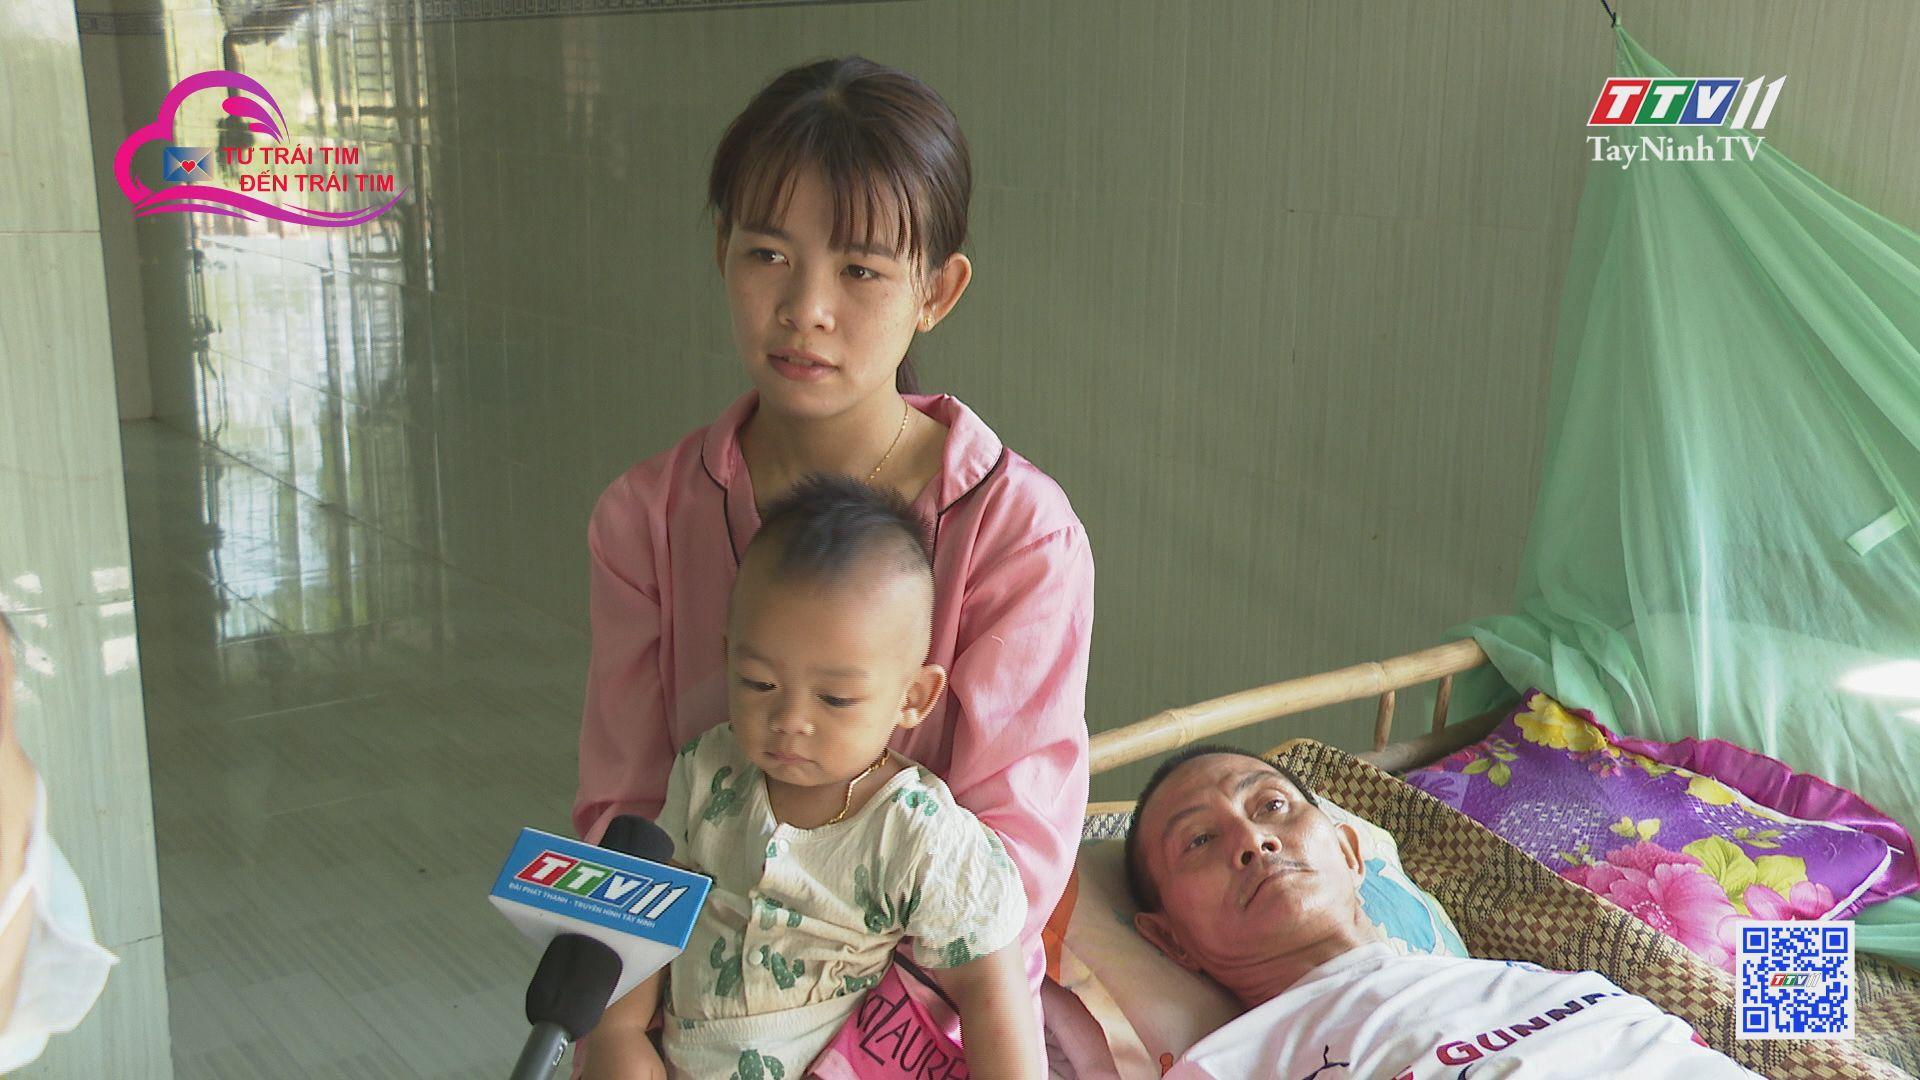 Chỉ mong có tiền trị bệnh | TỪ TRÁI TIM ĐẾN TRÁI TIM | TayNinhTV